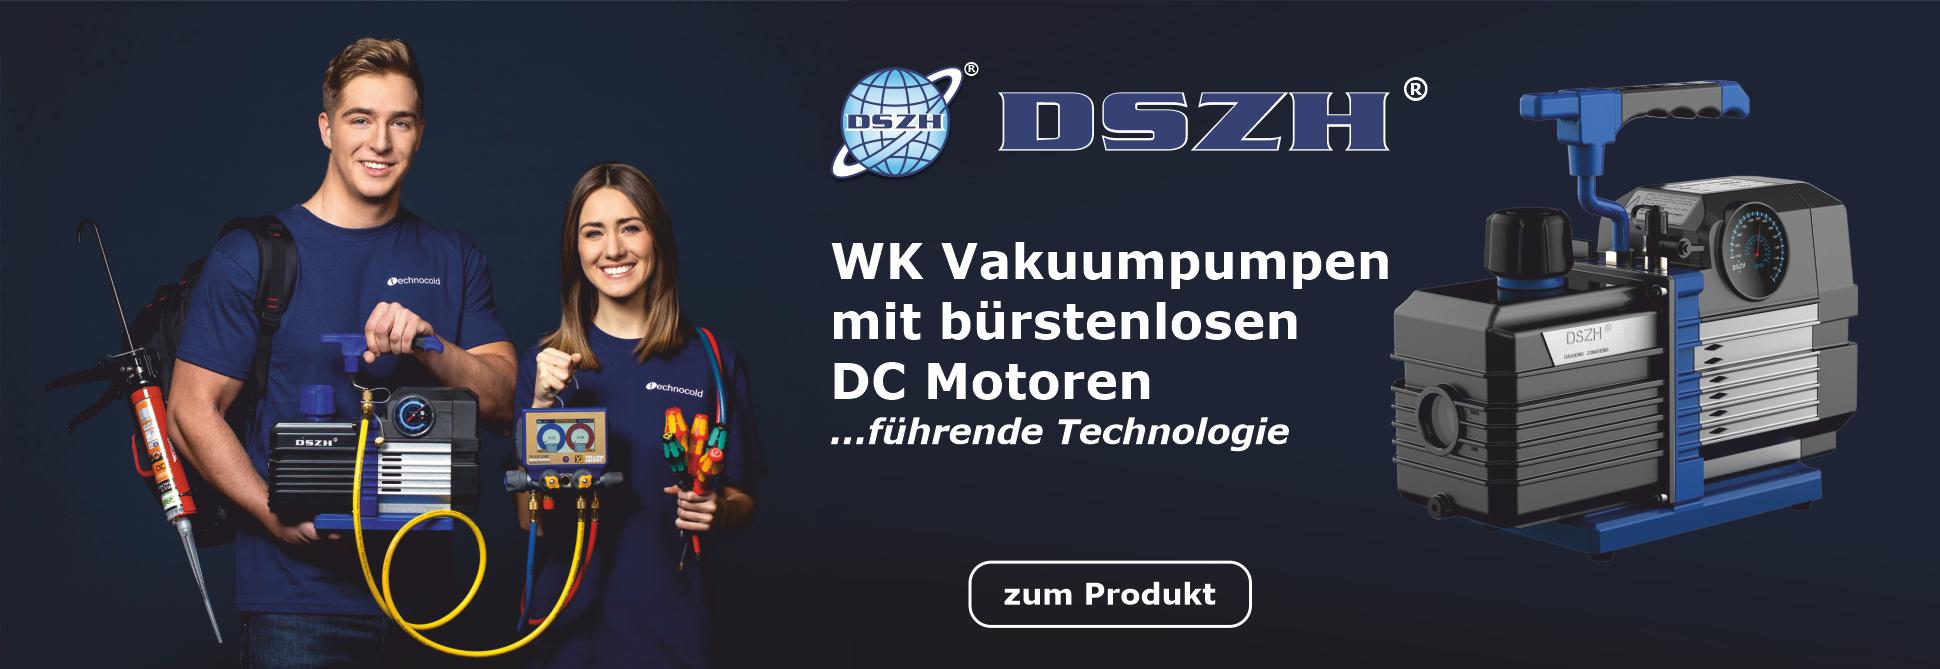 Banner WK Vakuumpumpen